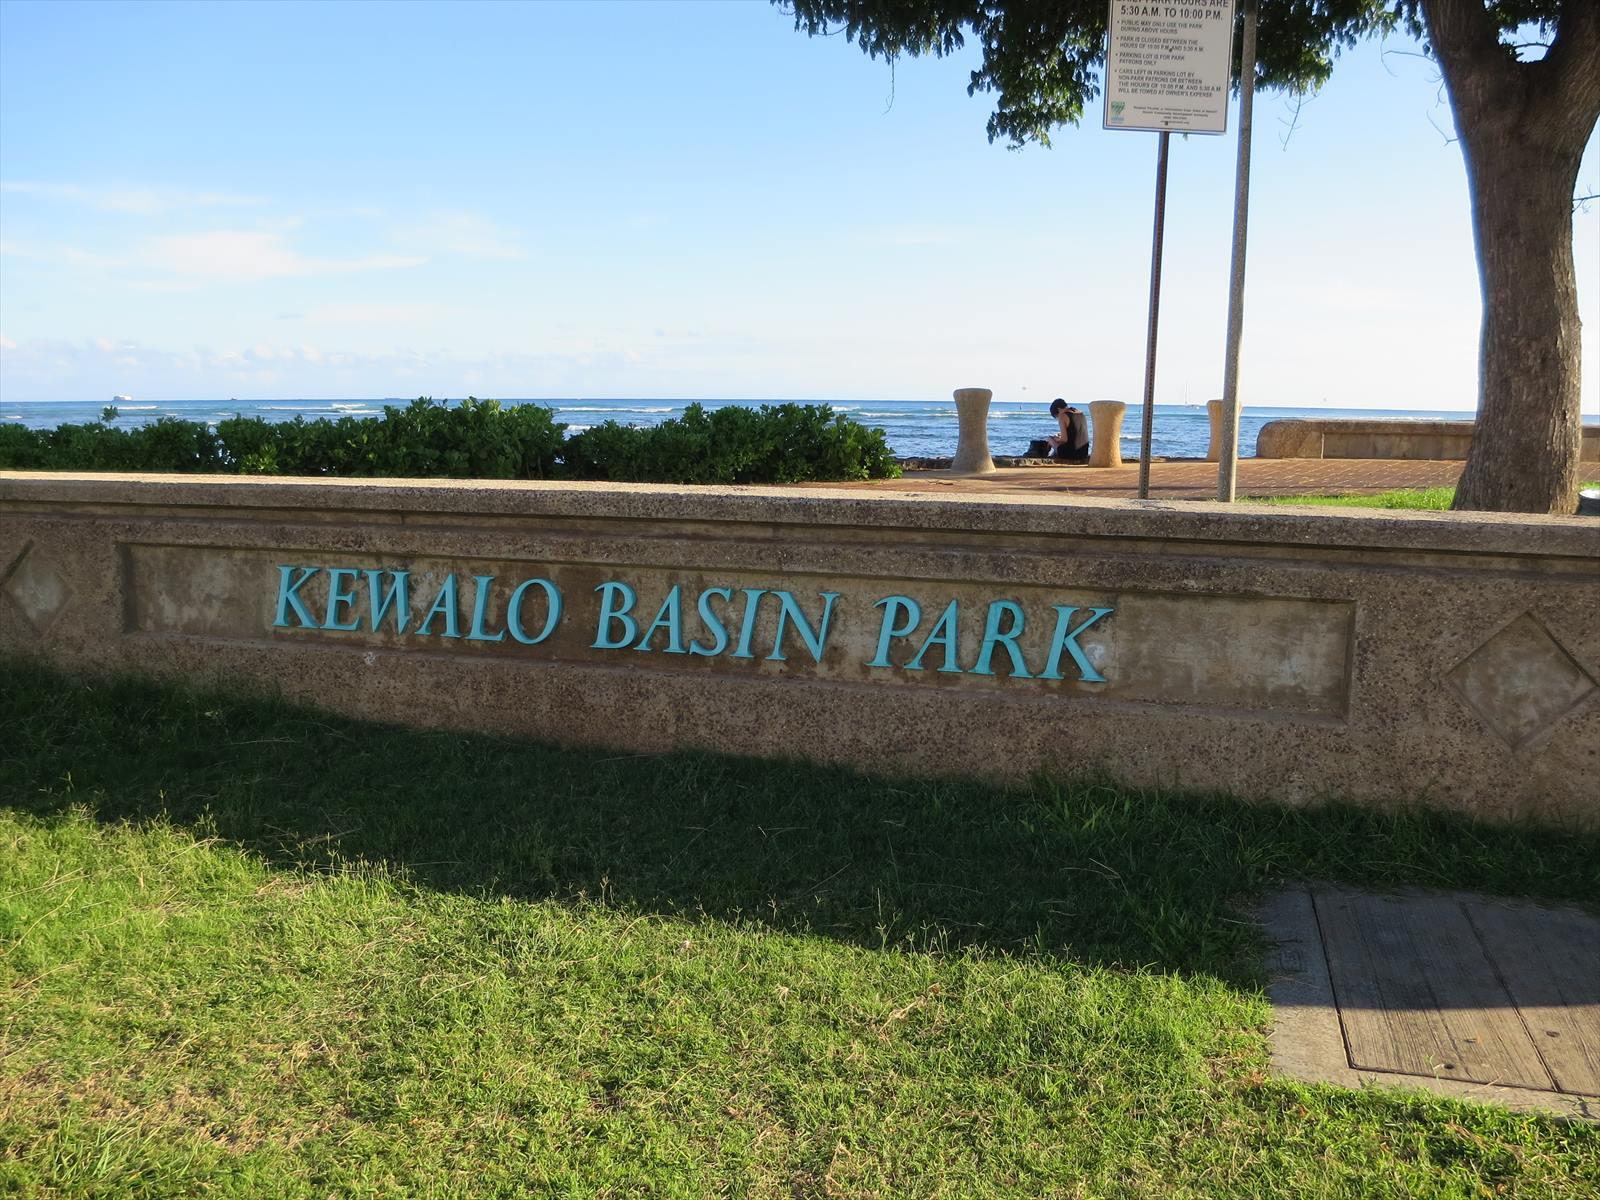 観光客が集まるケワロ湾ハーバーと、ローカルがくつろぐケワロ湾公園